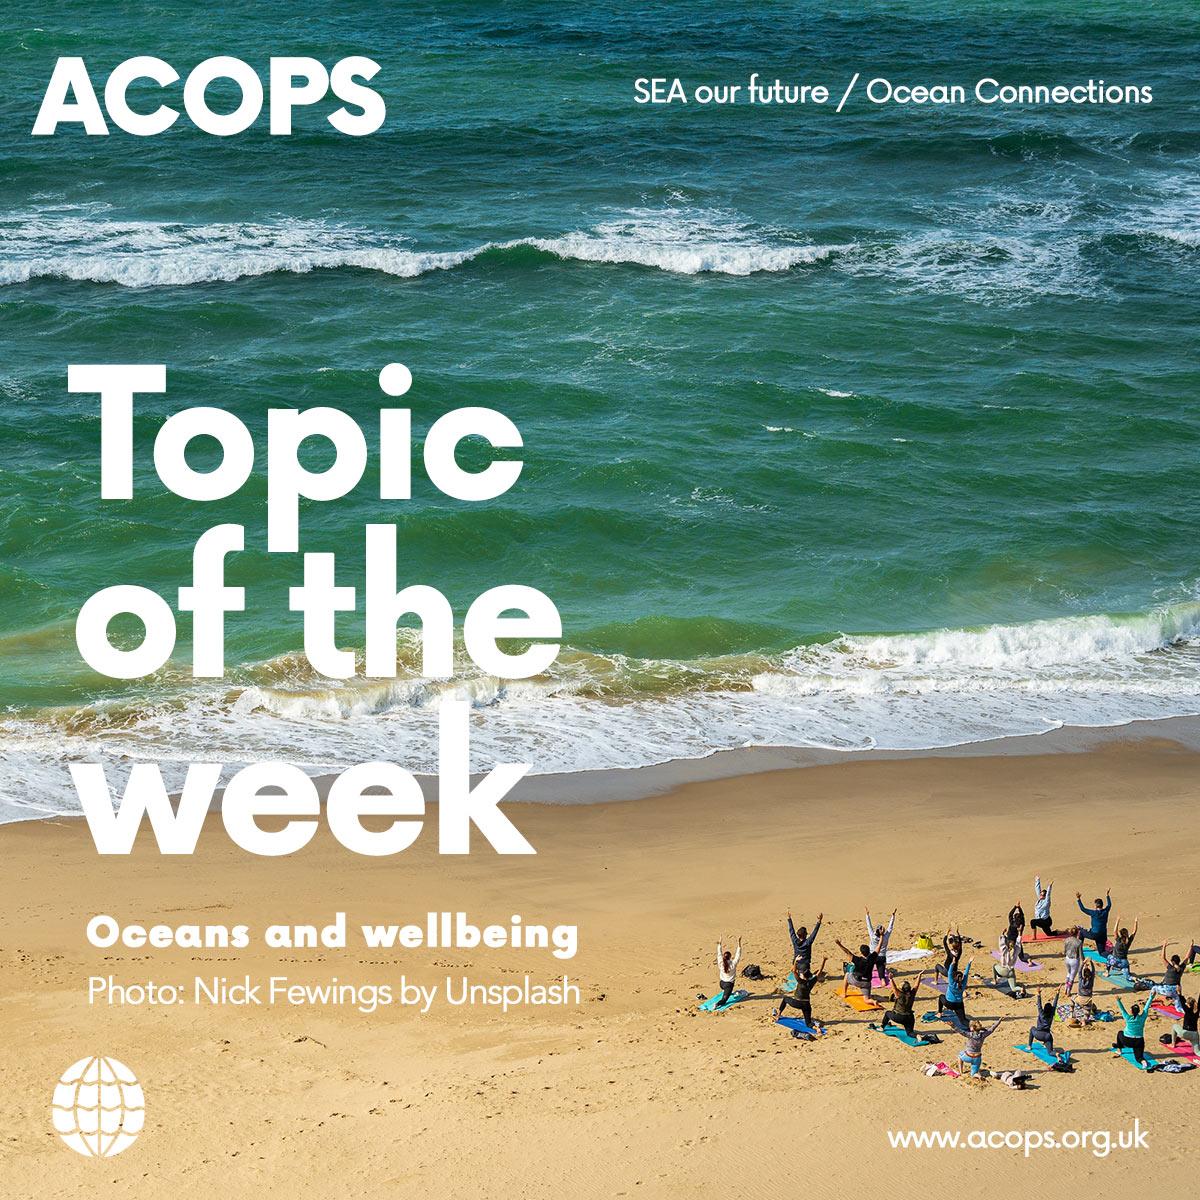 Oceans & wellbeing